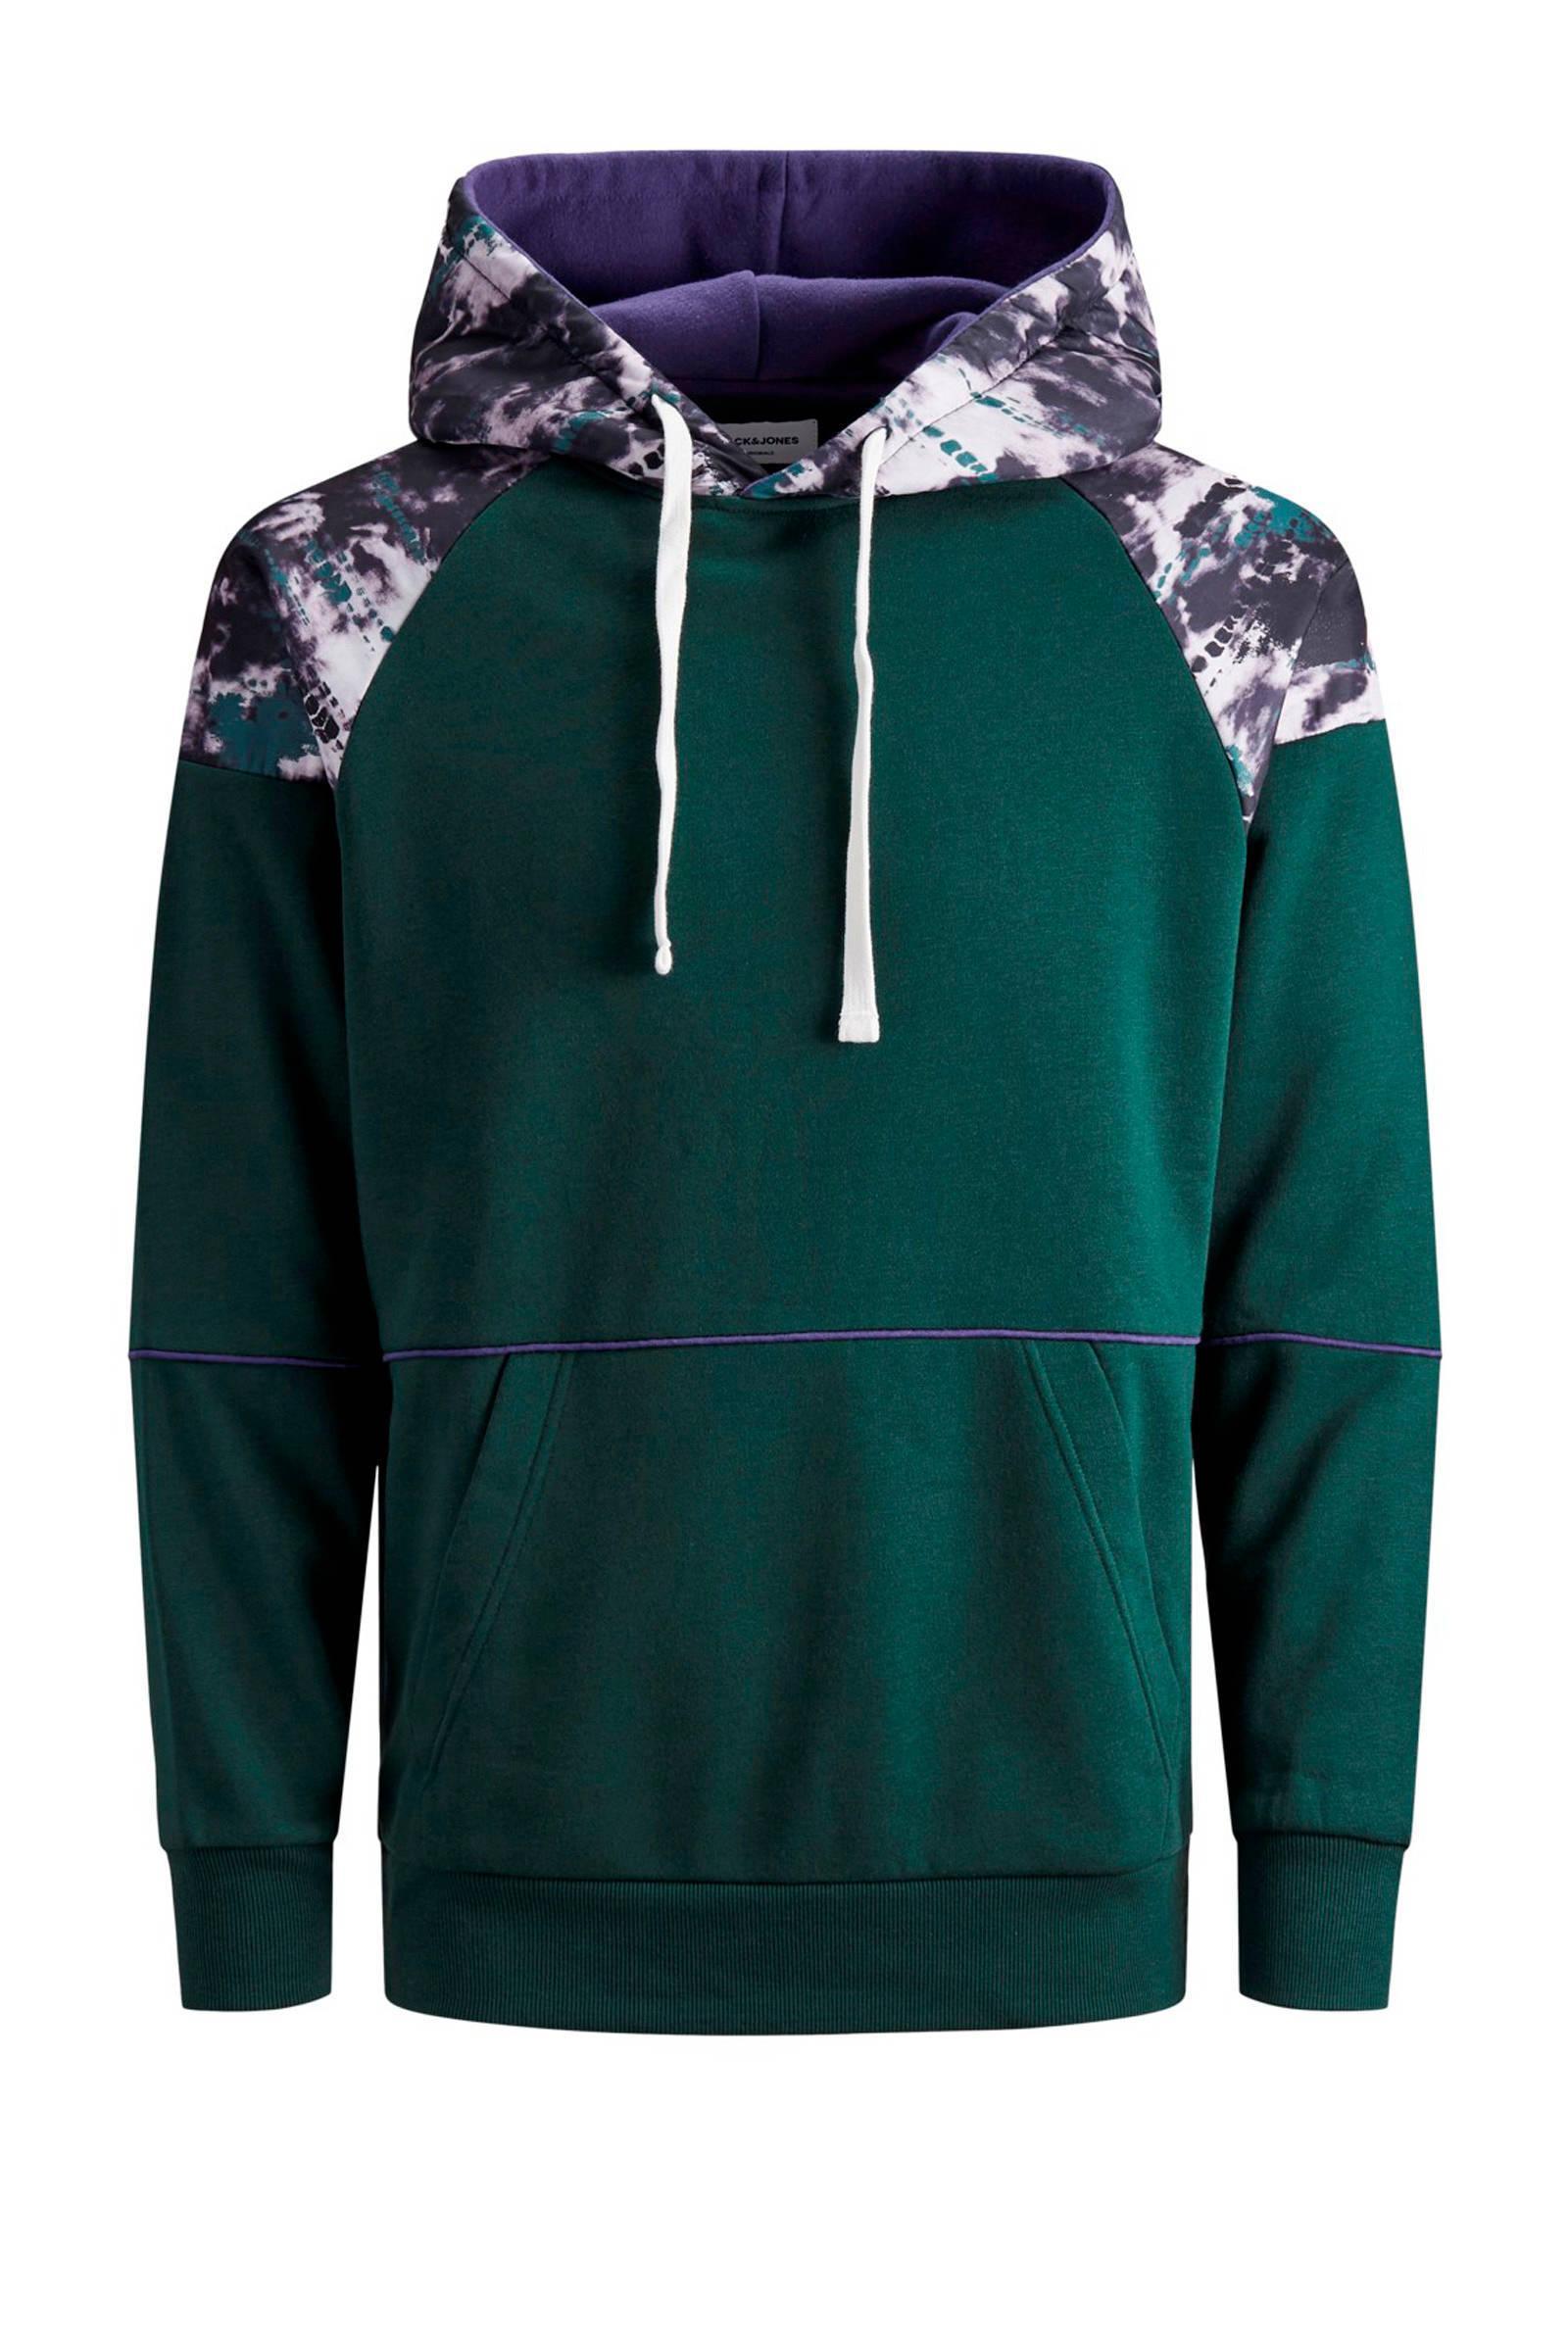 Jack & Jones Originals Hoodie Met All Over Print Groen/wit/paars in het Groen voor heren